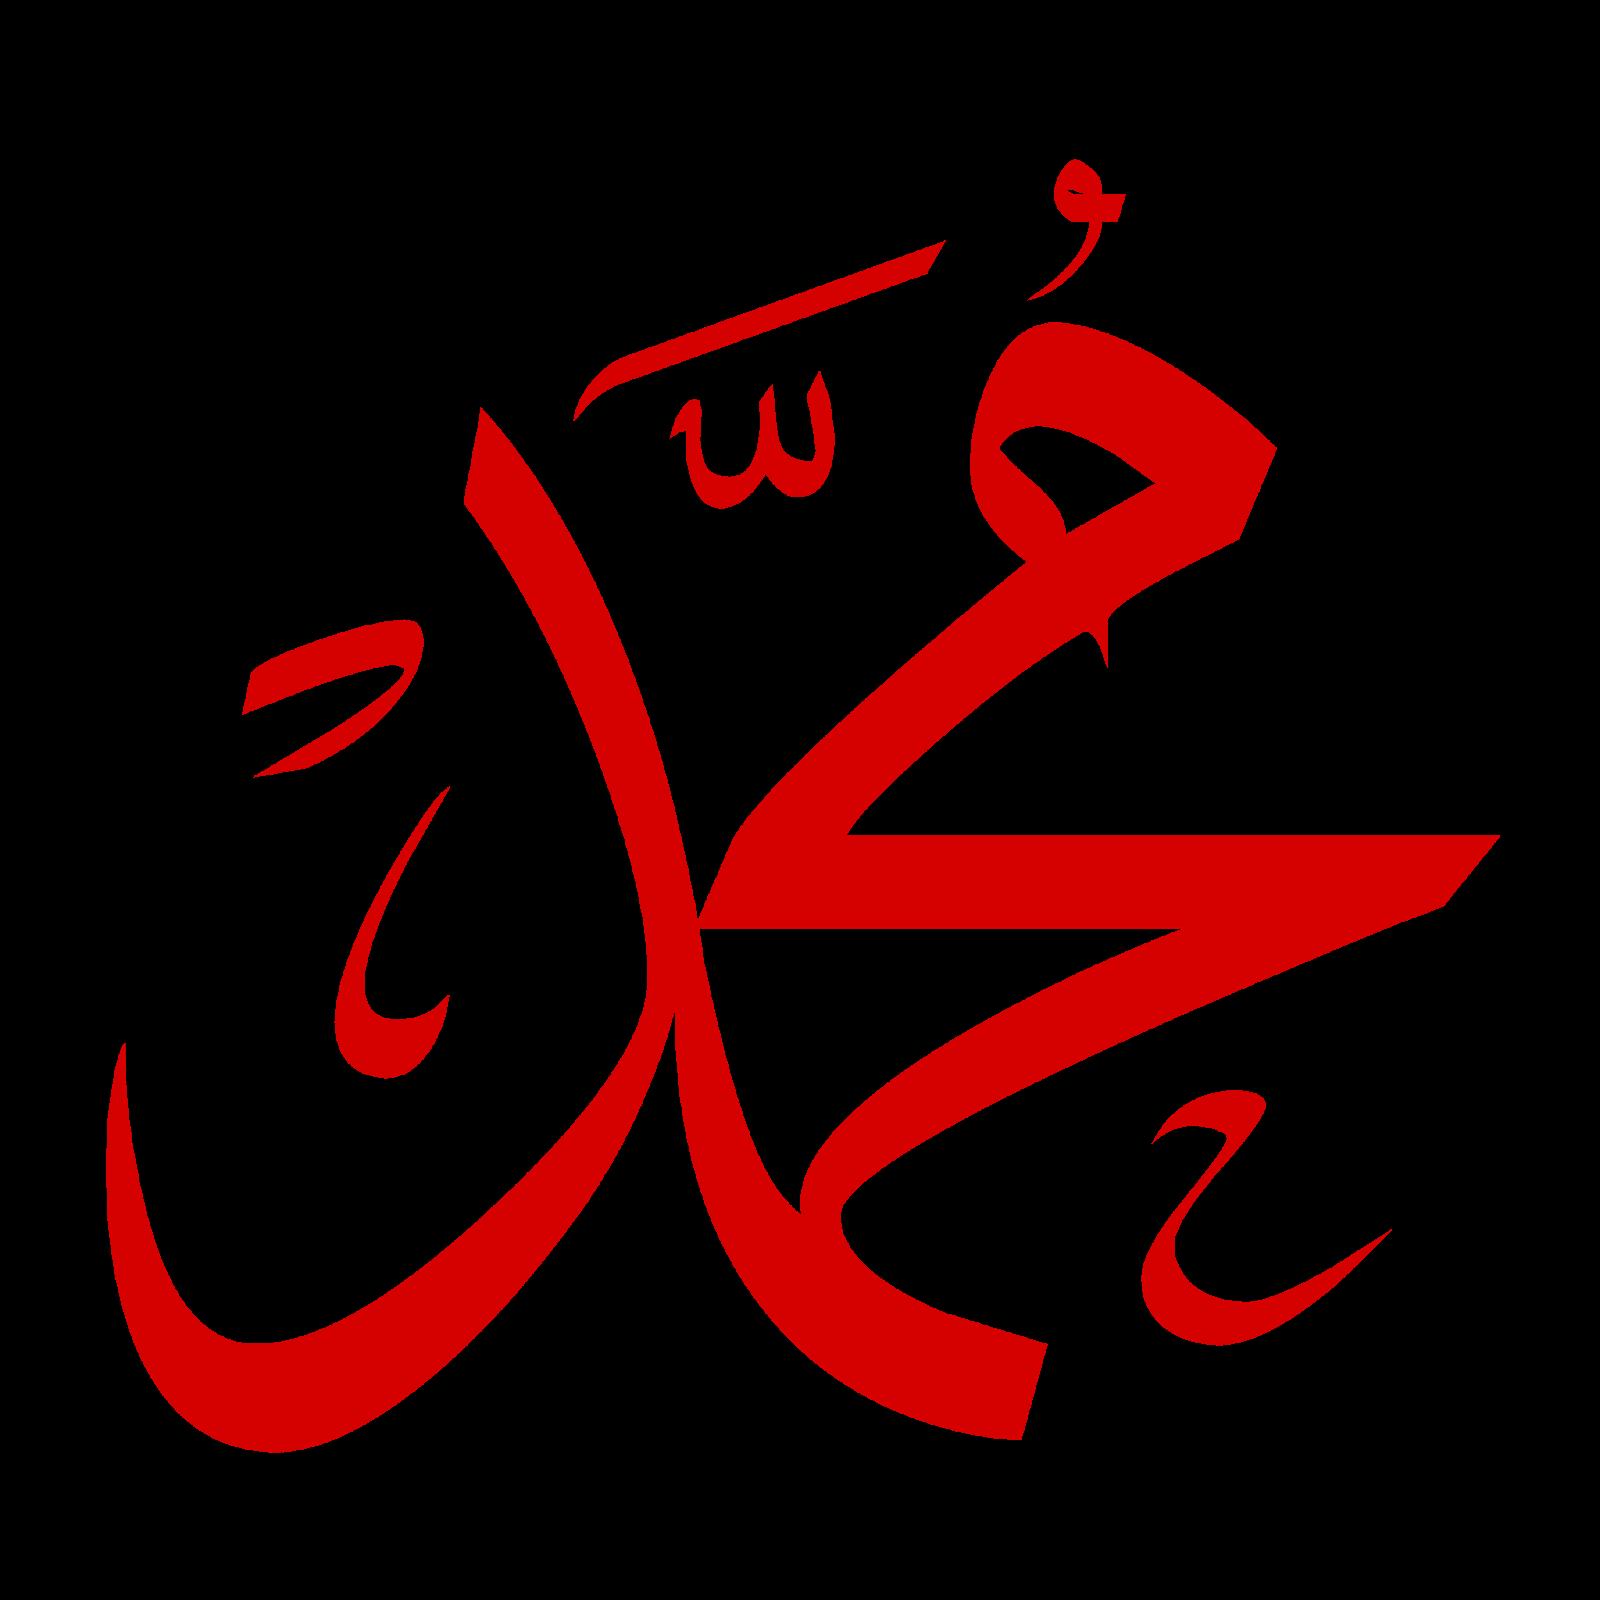 عبارات اسلامية شفافة للتصميم محمد صلى الله عليه وسلم مزخرف